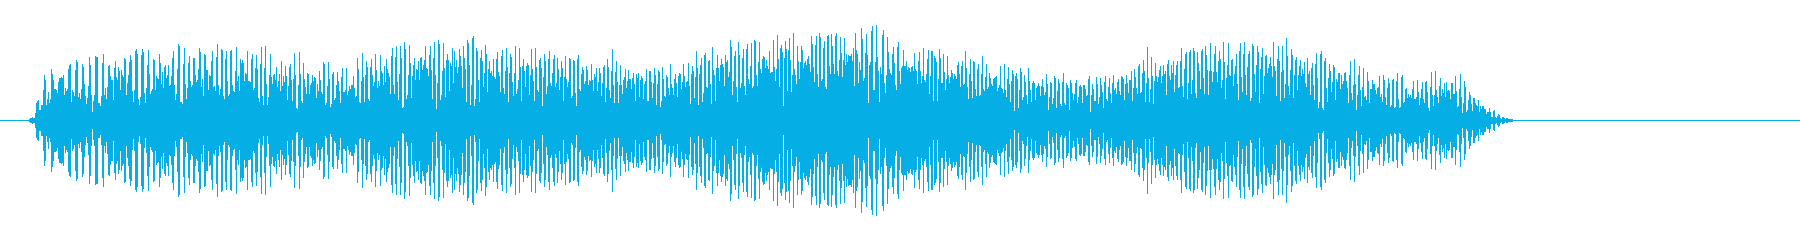 ウェンウェン(コミカル)の再生済みの波形